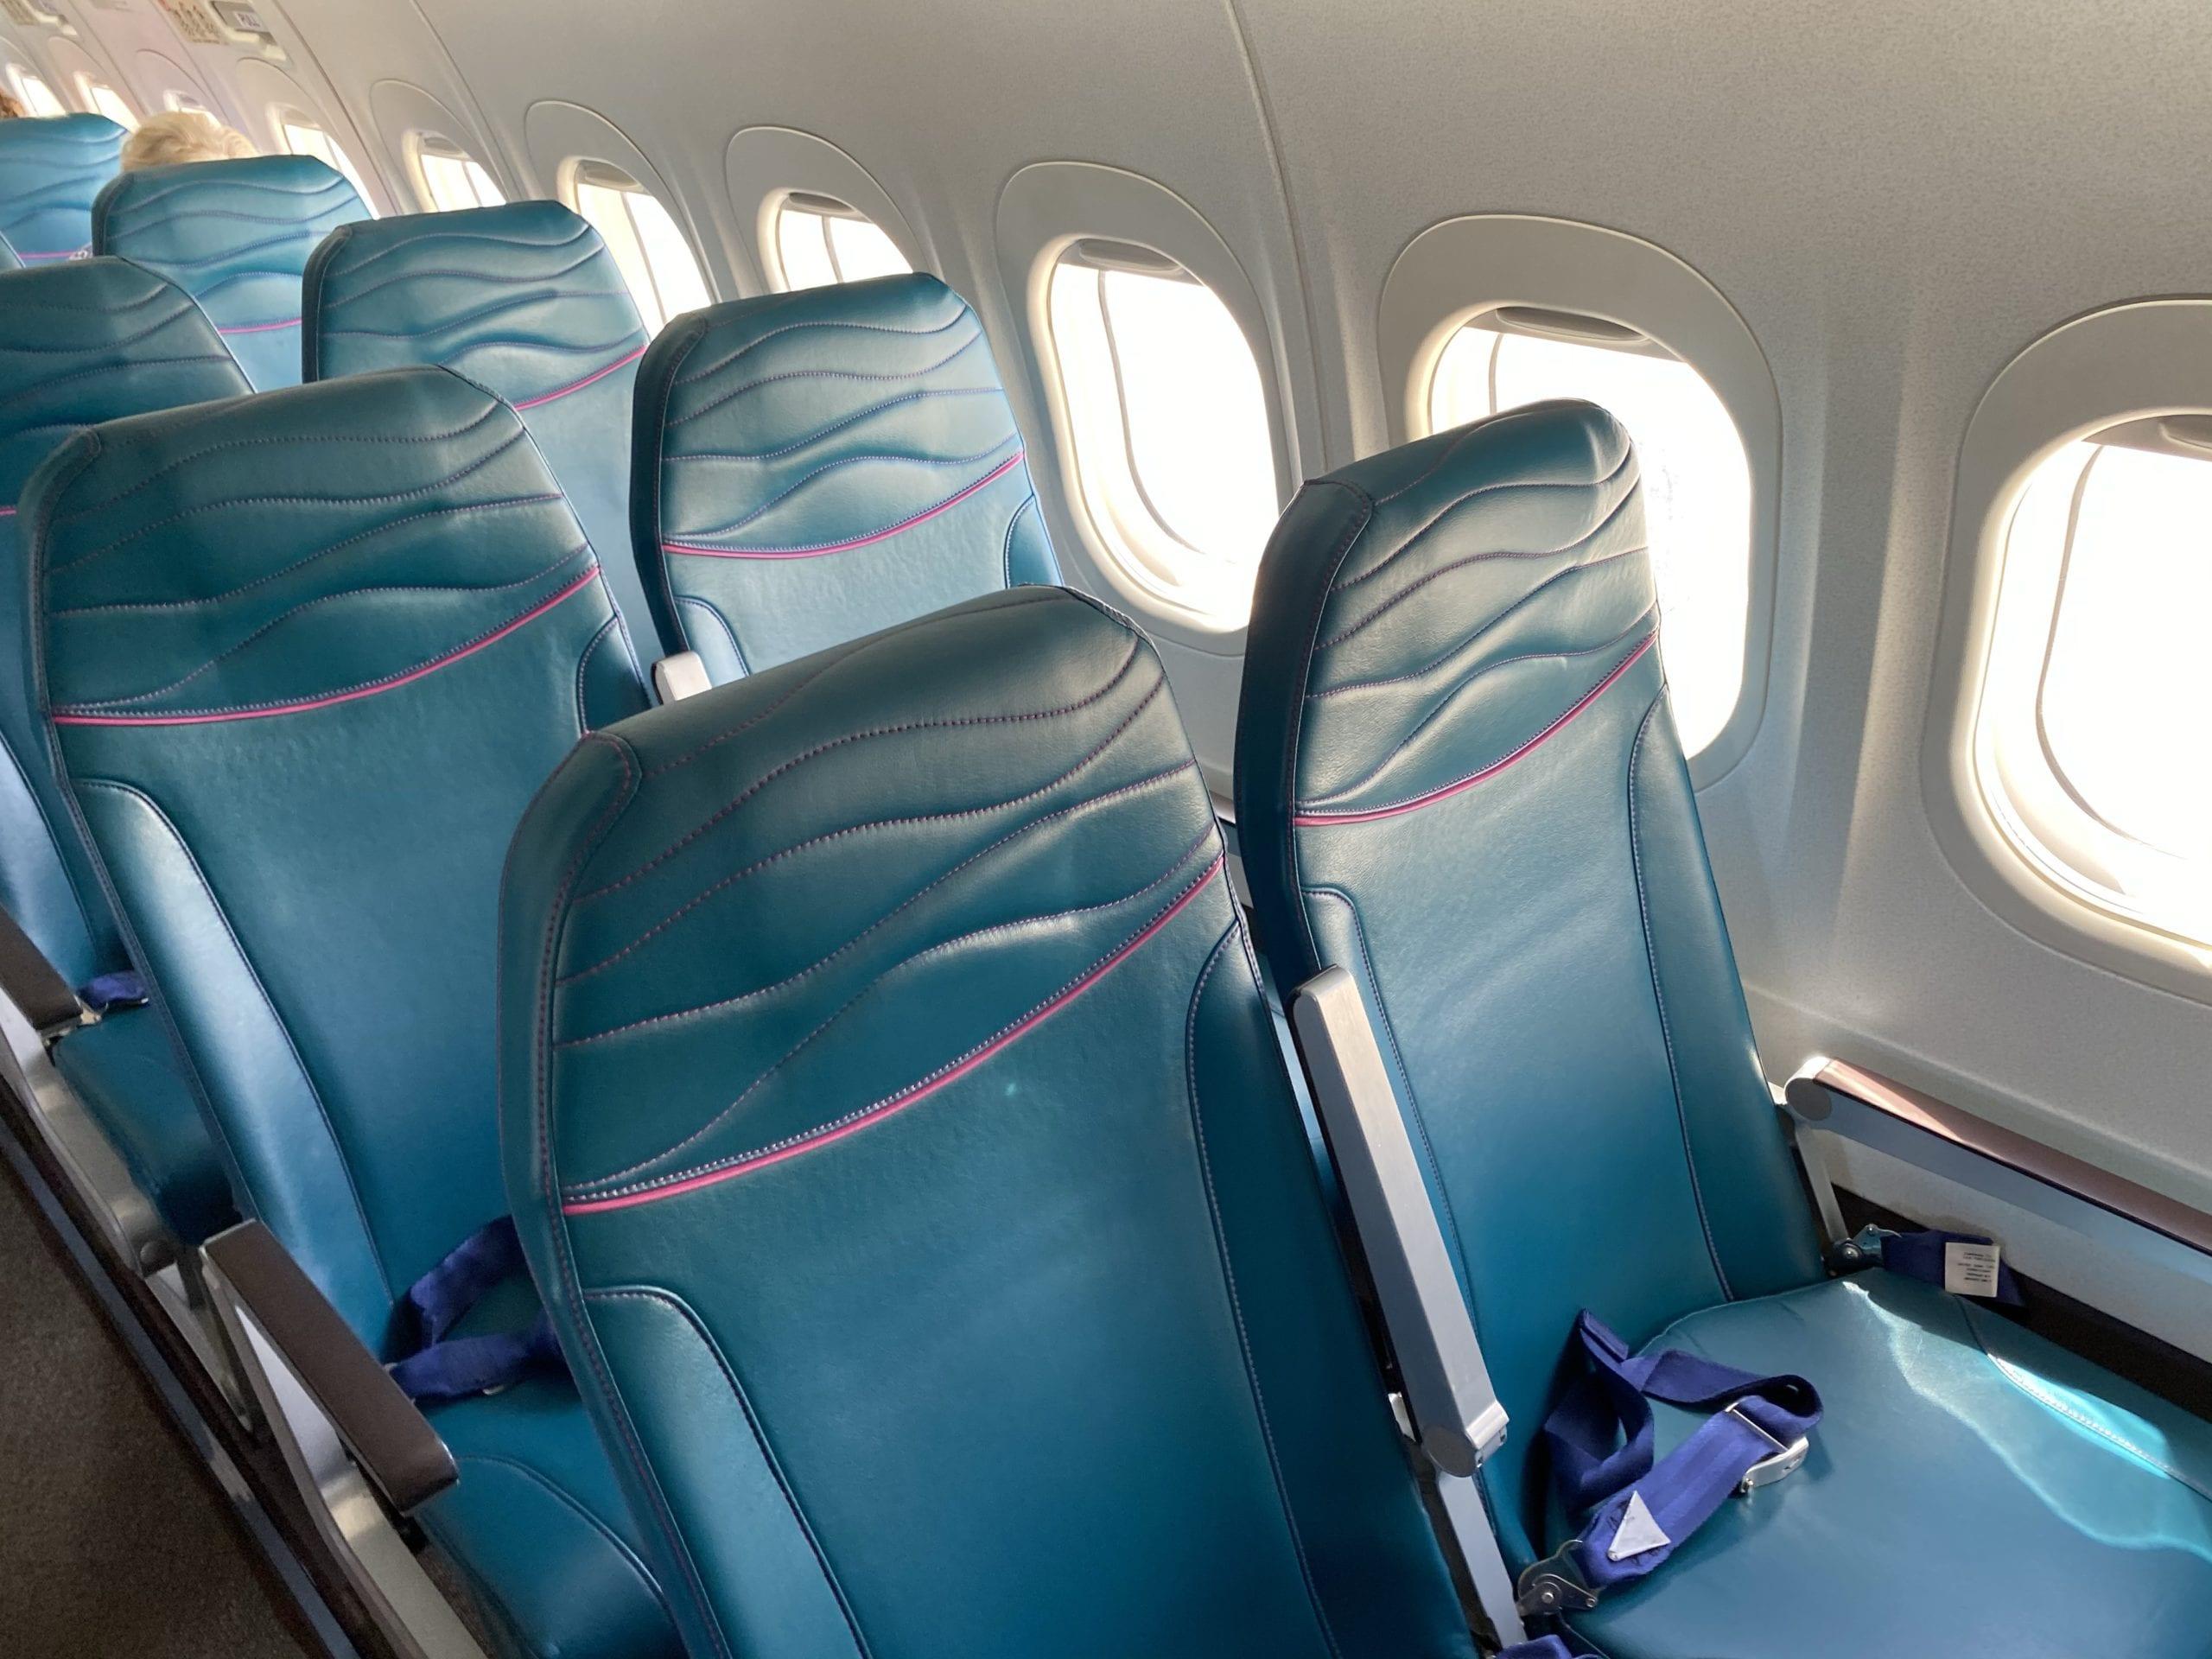 Hawaiian airlines seats